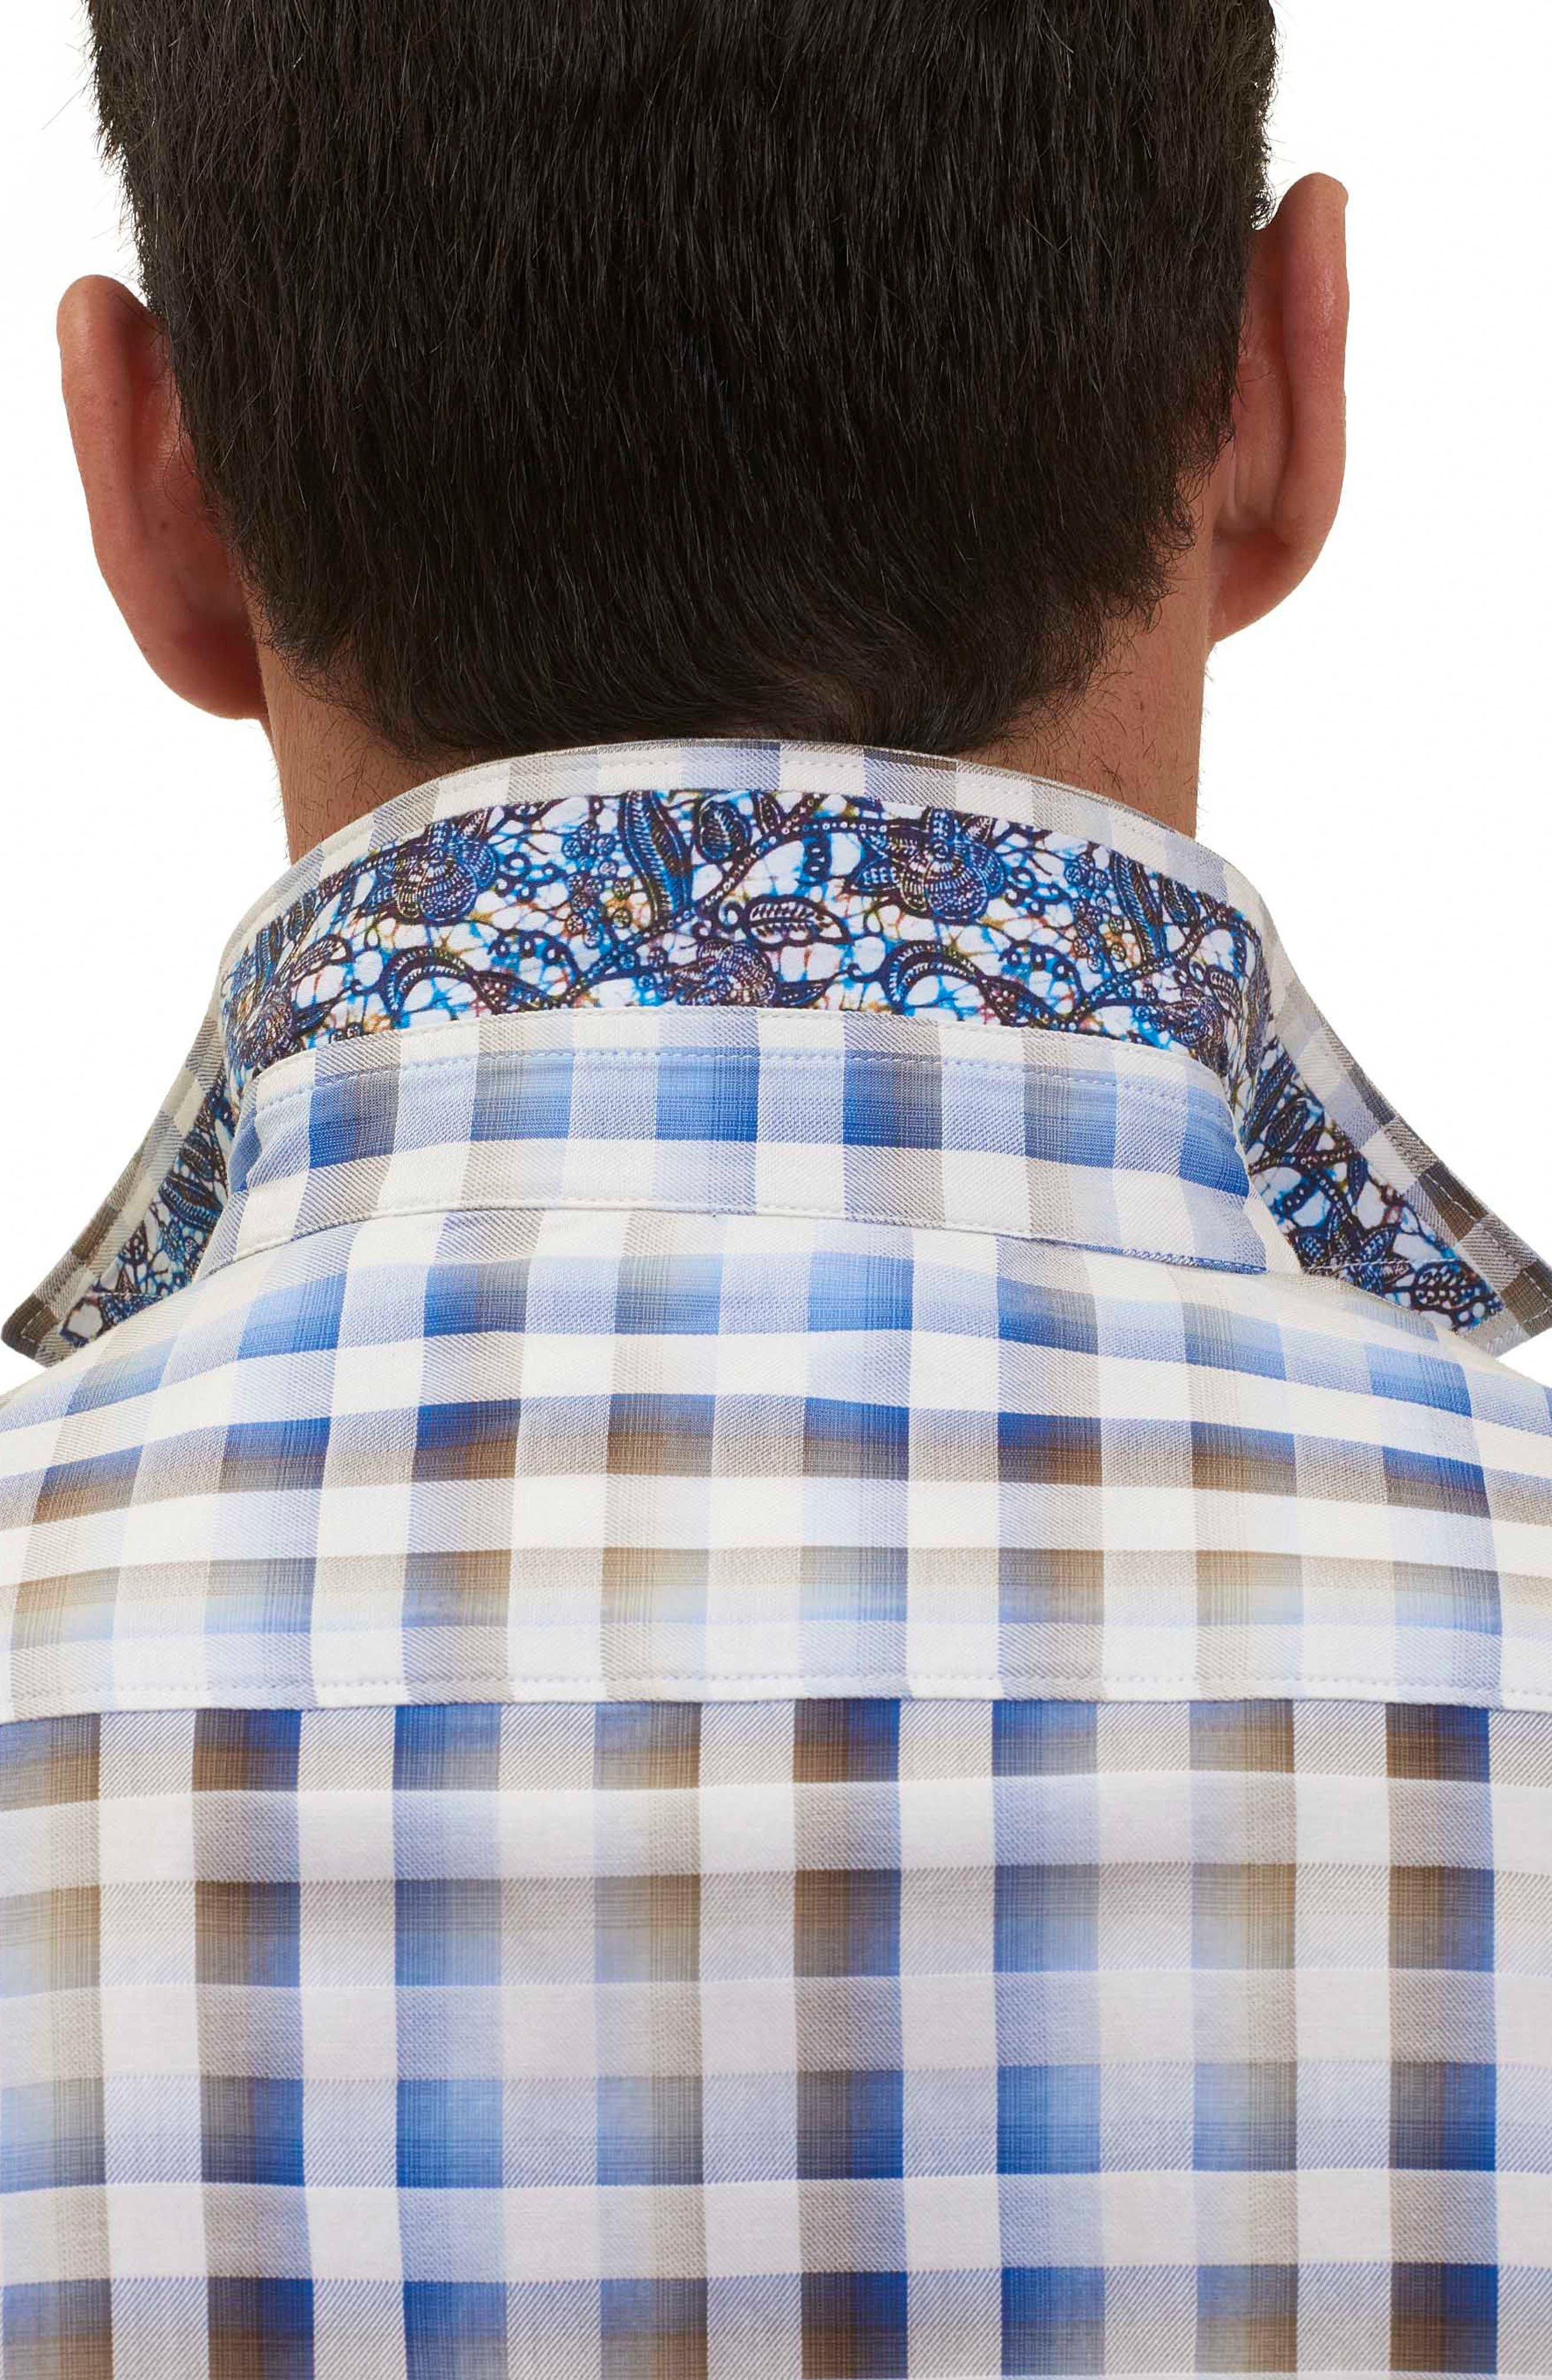 Dewan Classic Fit Check Sport Shirt,                             Alternate thumbnail 4, color,                             Blue